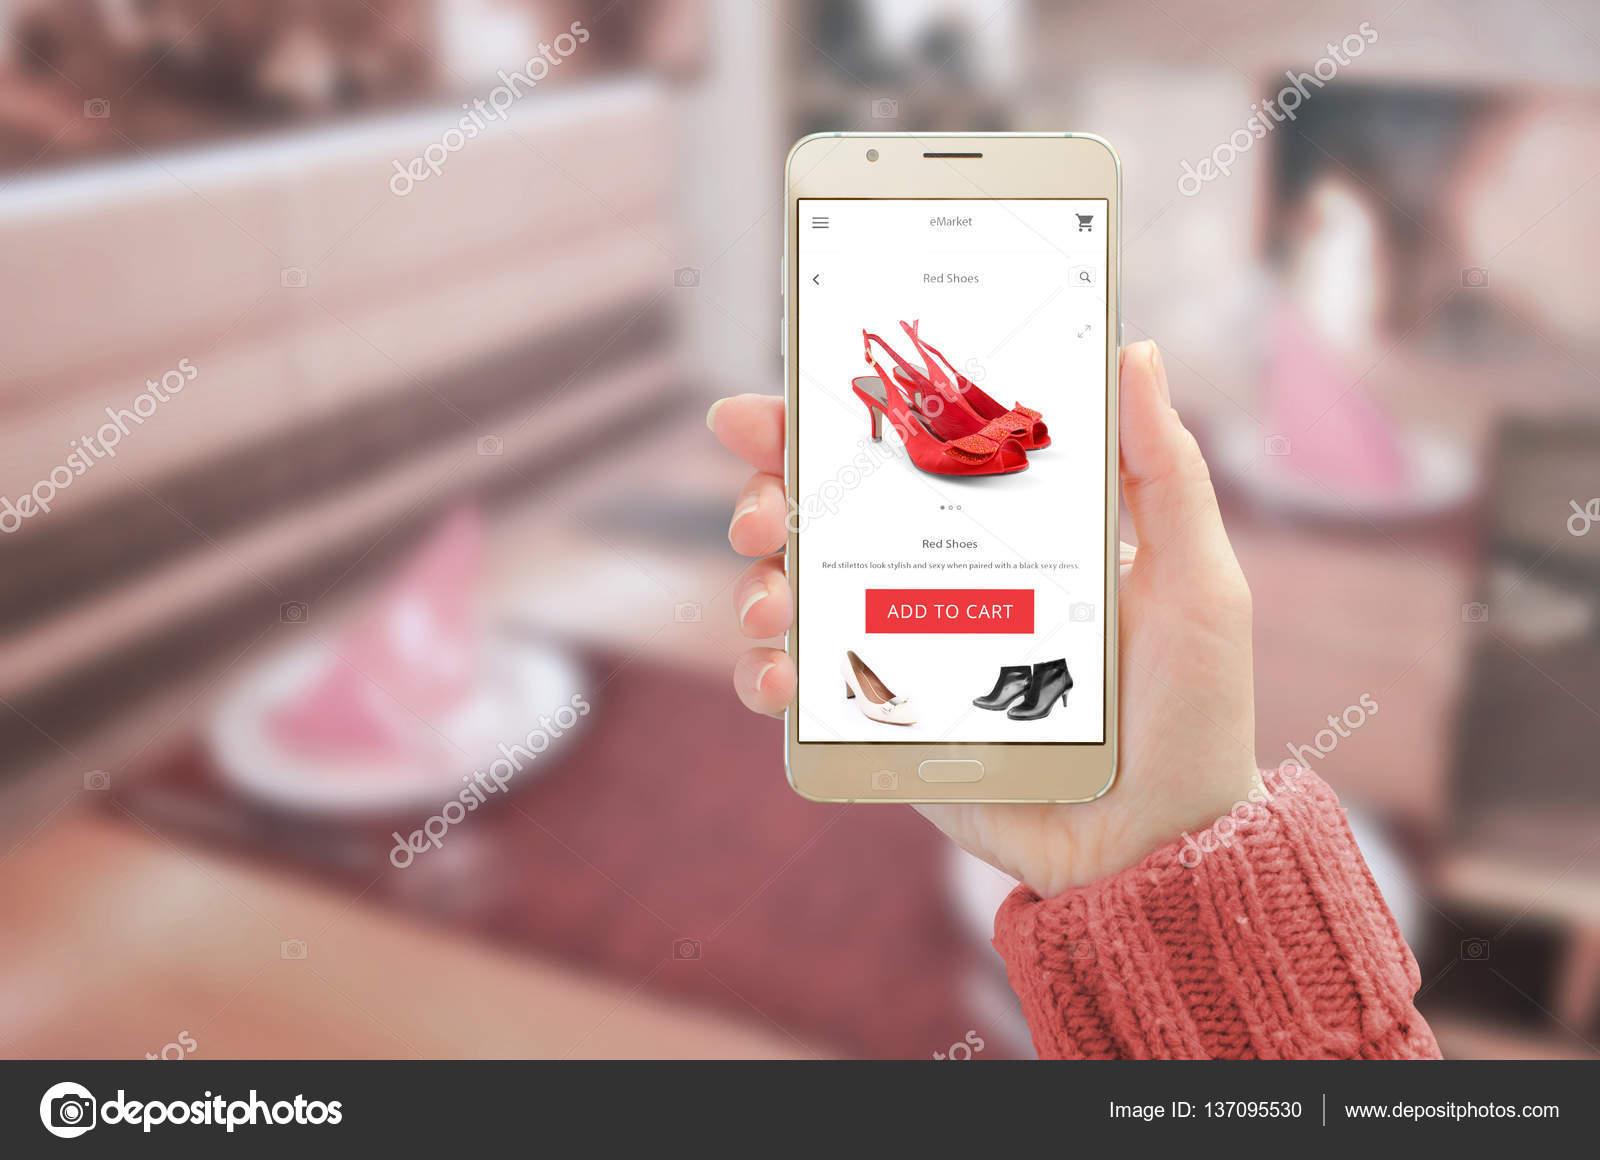 3d8d73bb1 Mulher mostrando moderno ouro telefone inteligente com app compra on-line  no visor do dispositivo. Mulher red shoes e adicionar ao carrinho button —  Foto de ...